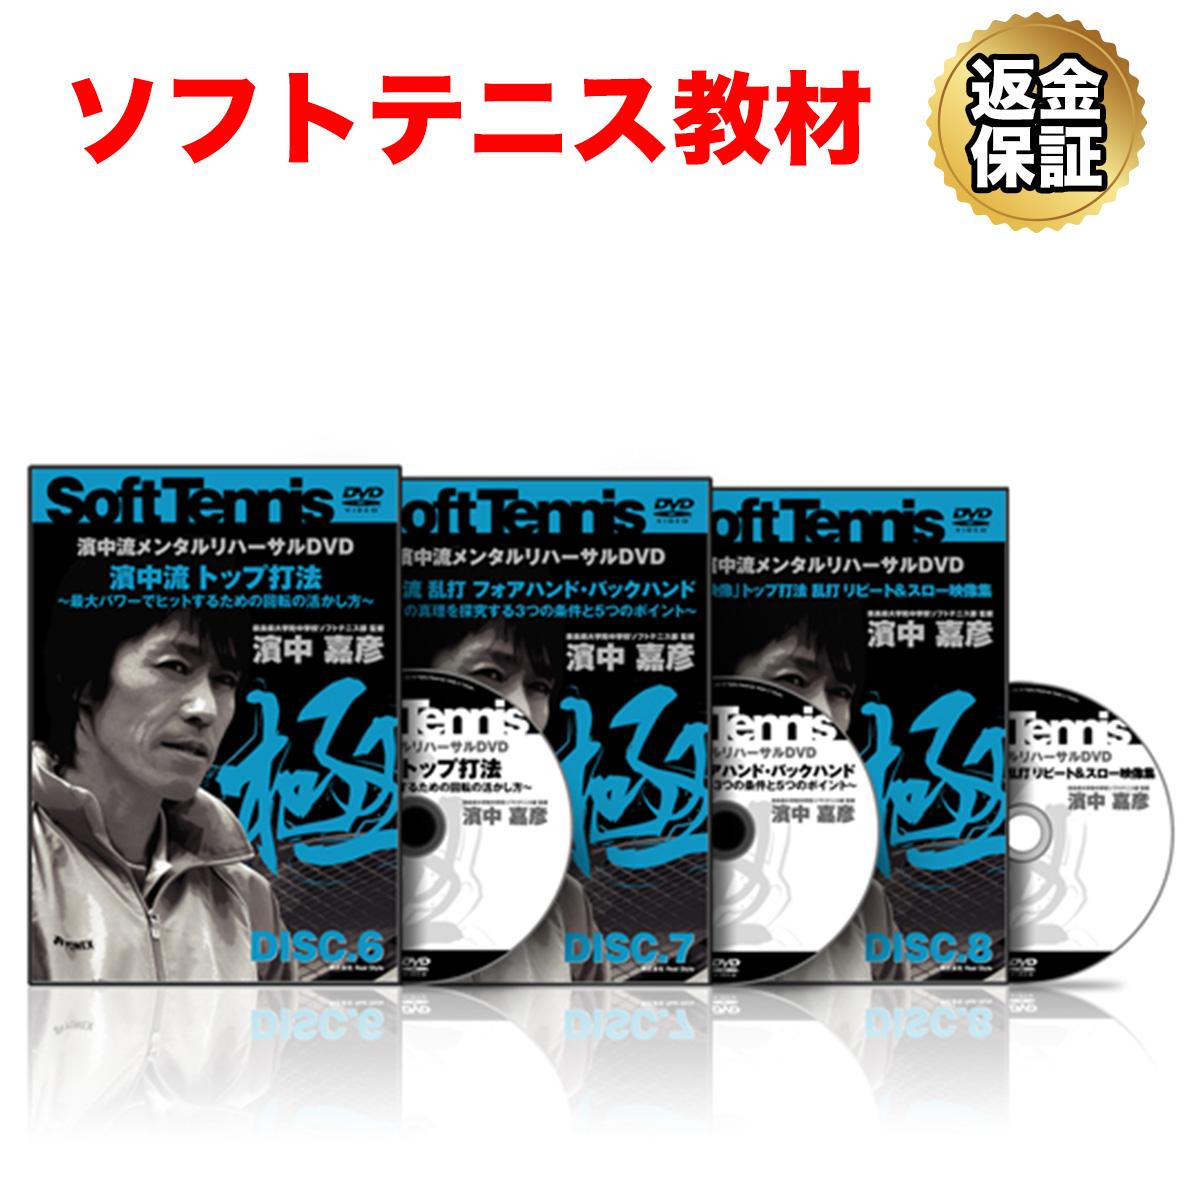 【ソフトテニス】濱中流メンタルリハーサルDVD2 (乱打&トップ打法) [Disc6-8]